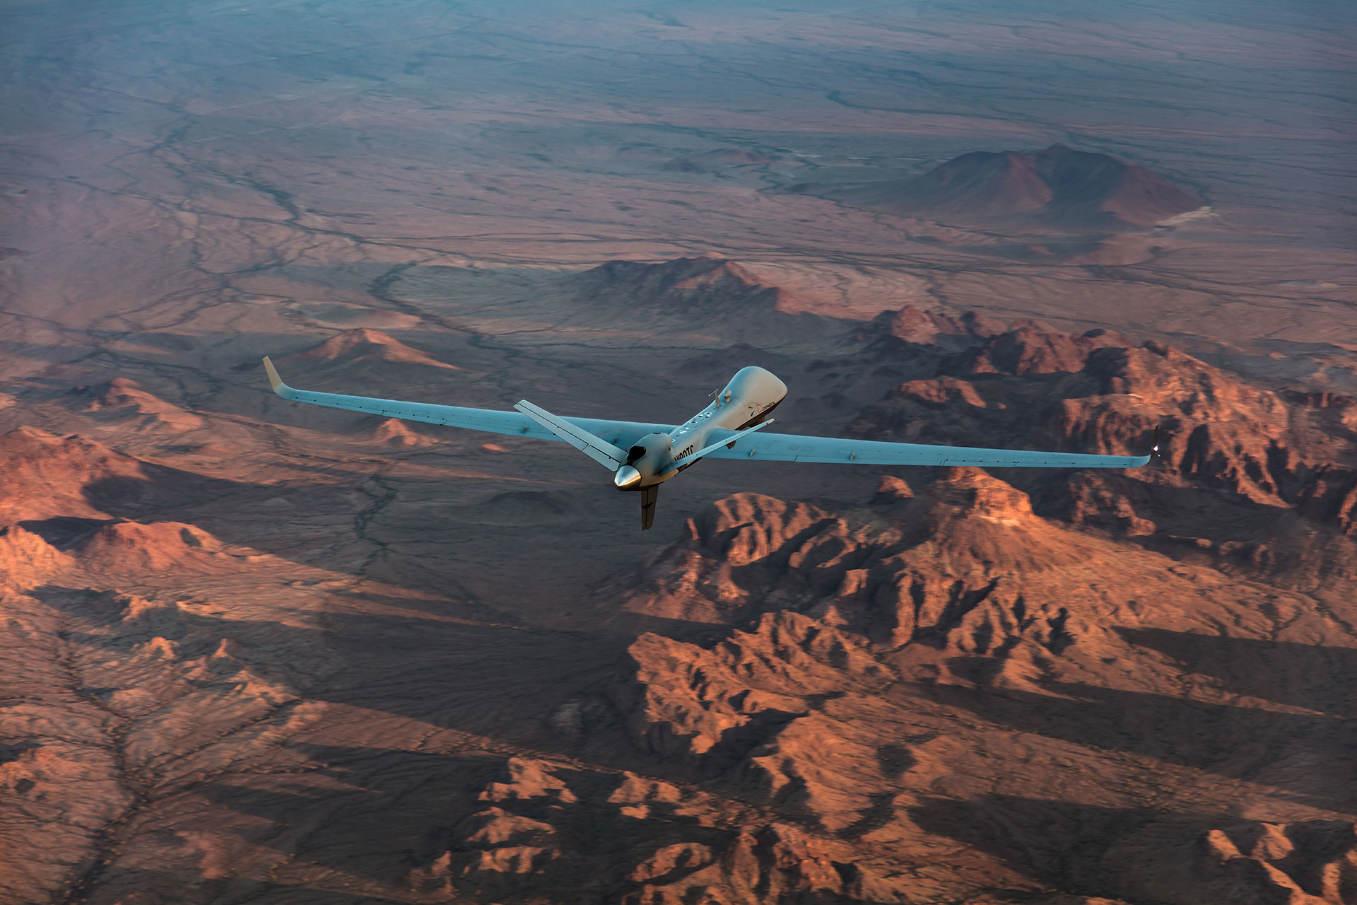 Les Etats-Unis et Israël se disputent le marché des drones militaires